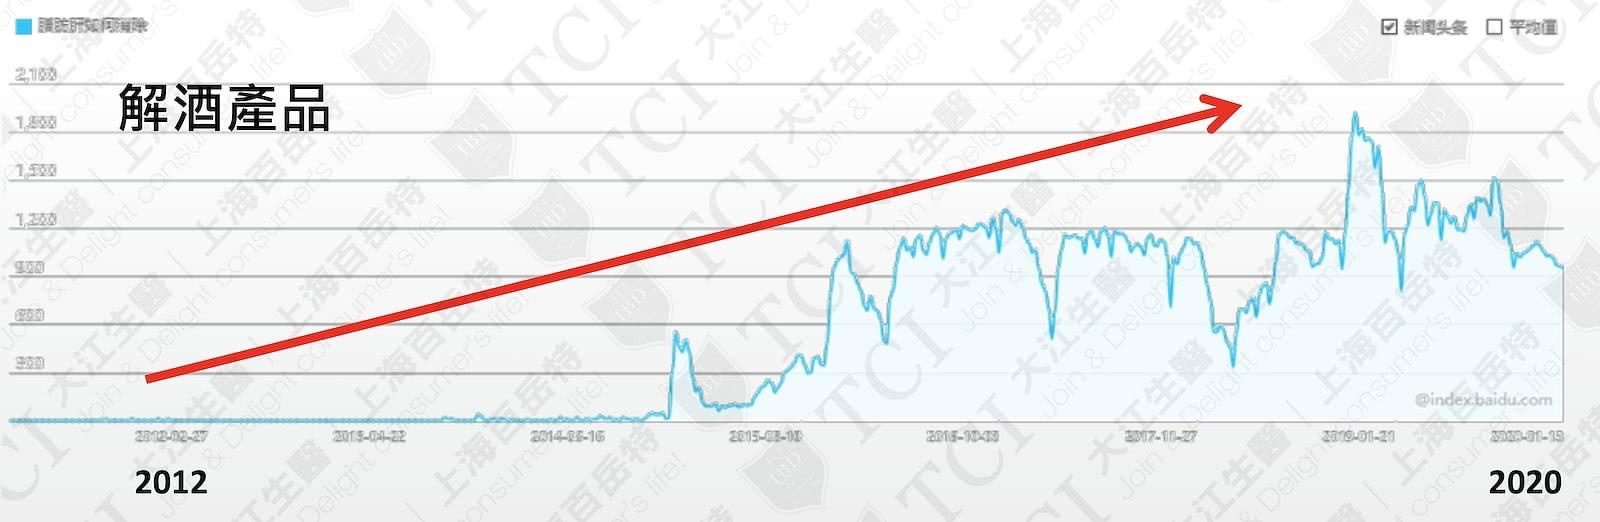 解酒产品网路搜寻量 / 数据源:百度指数